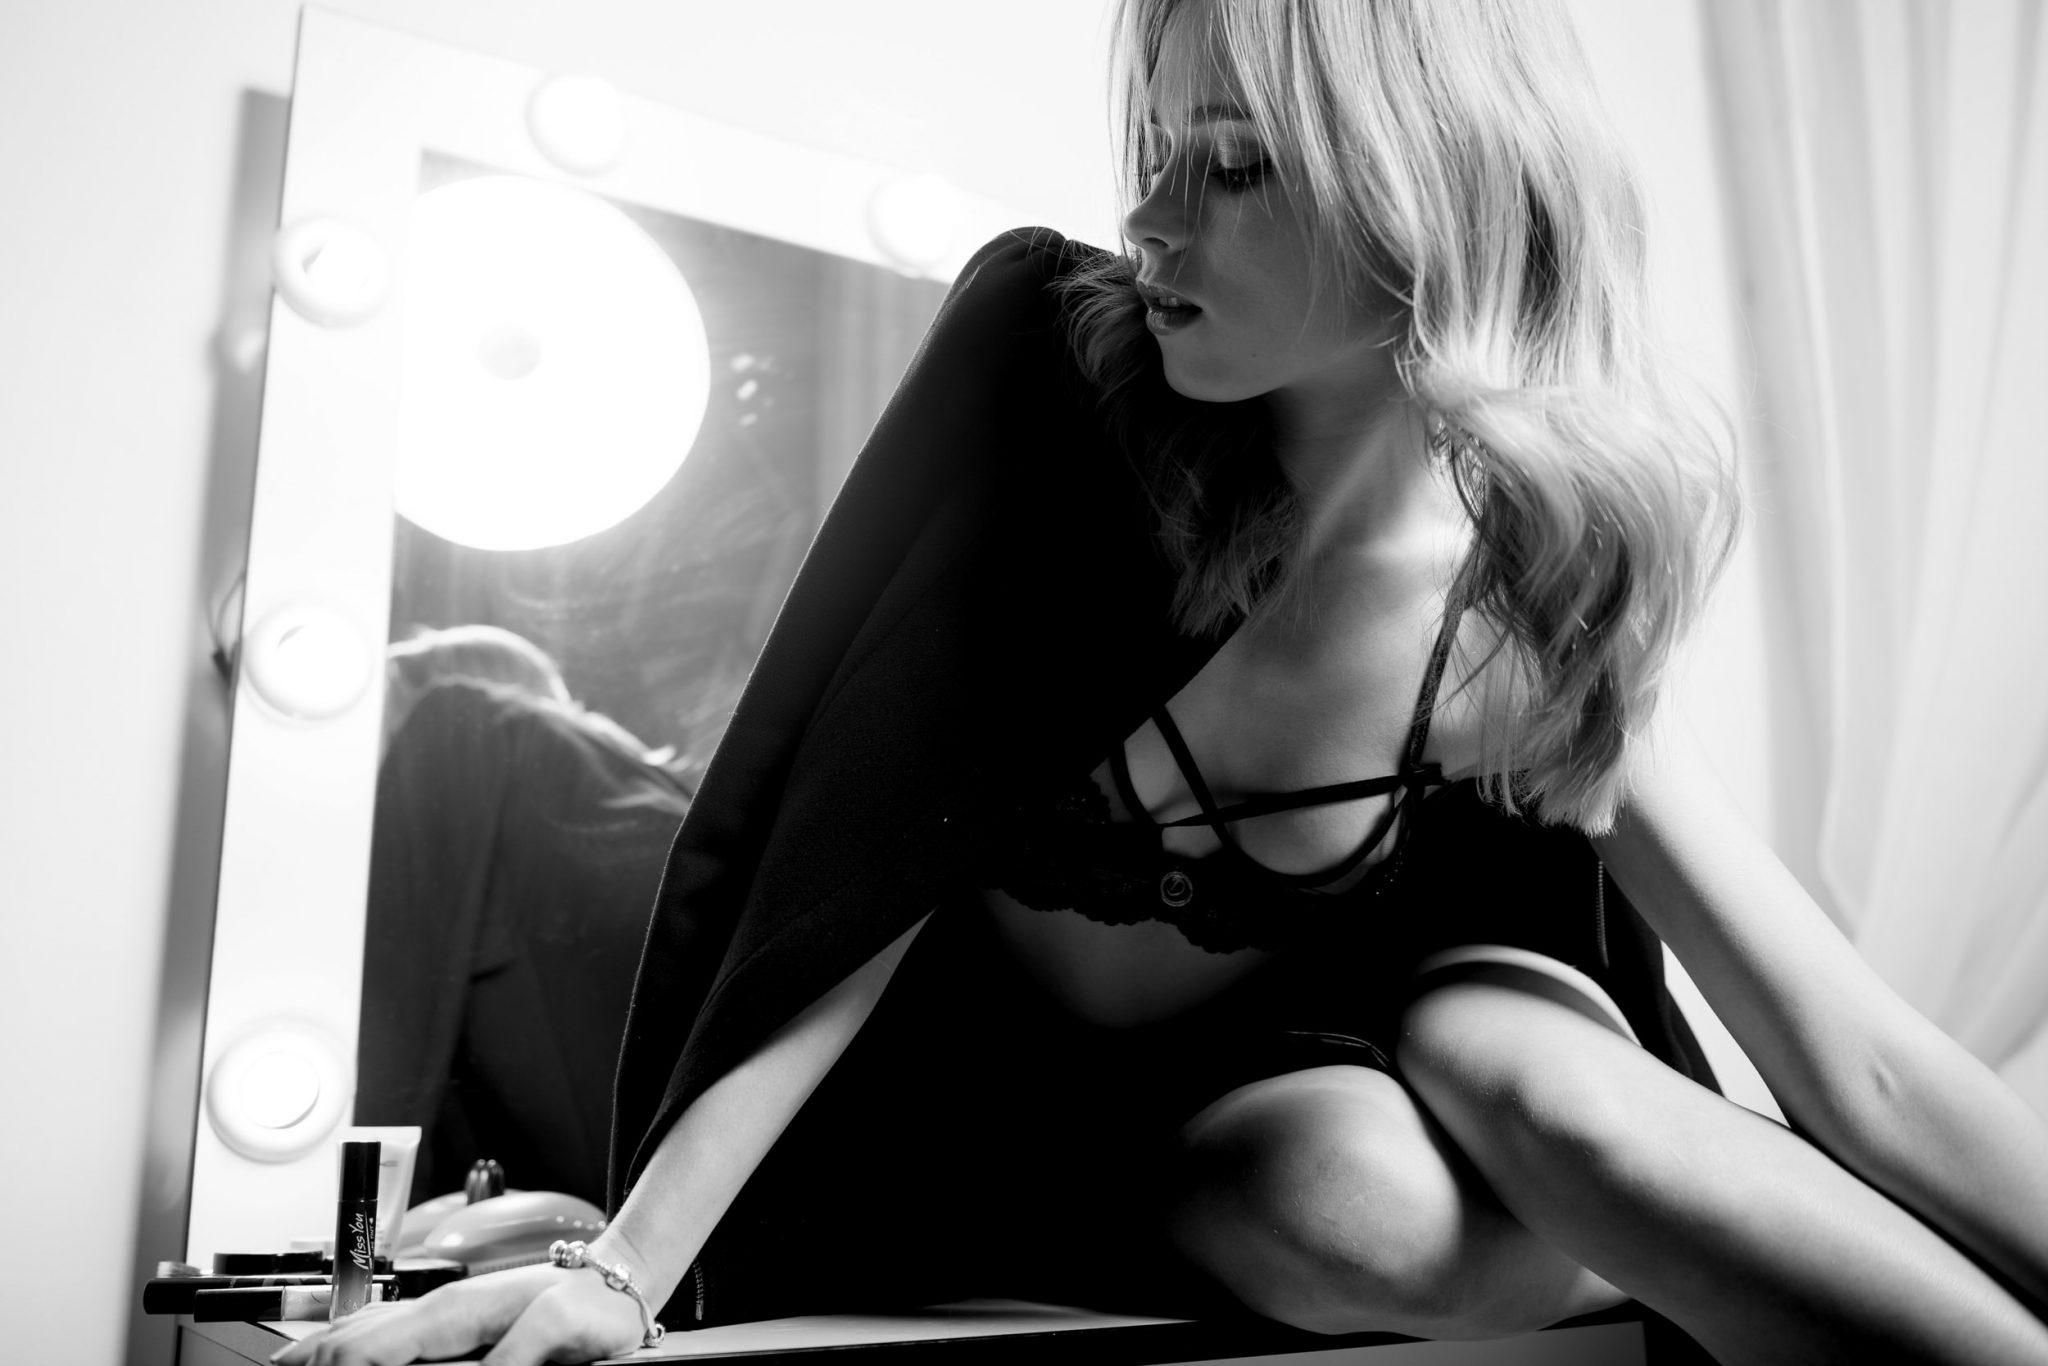 Модельное портфолио Анна Кошмал сидит на визажном столе